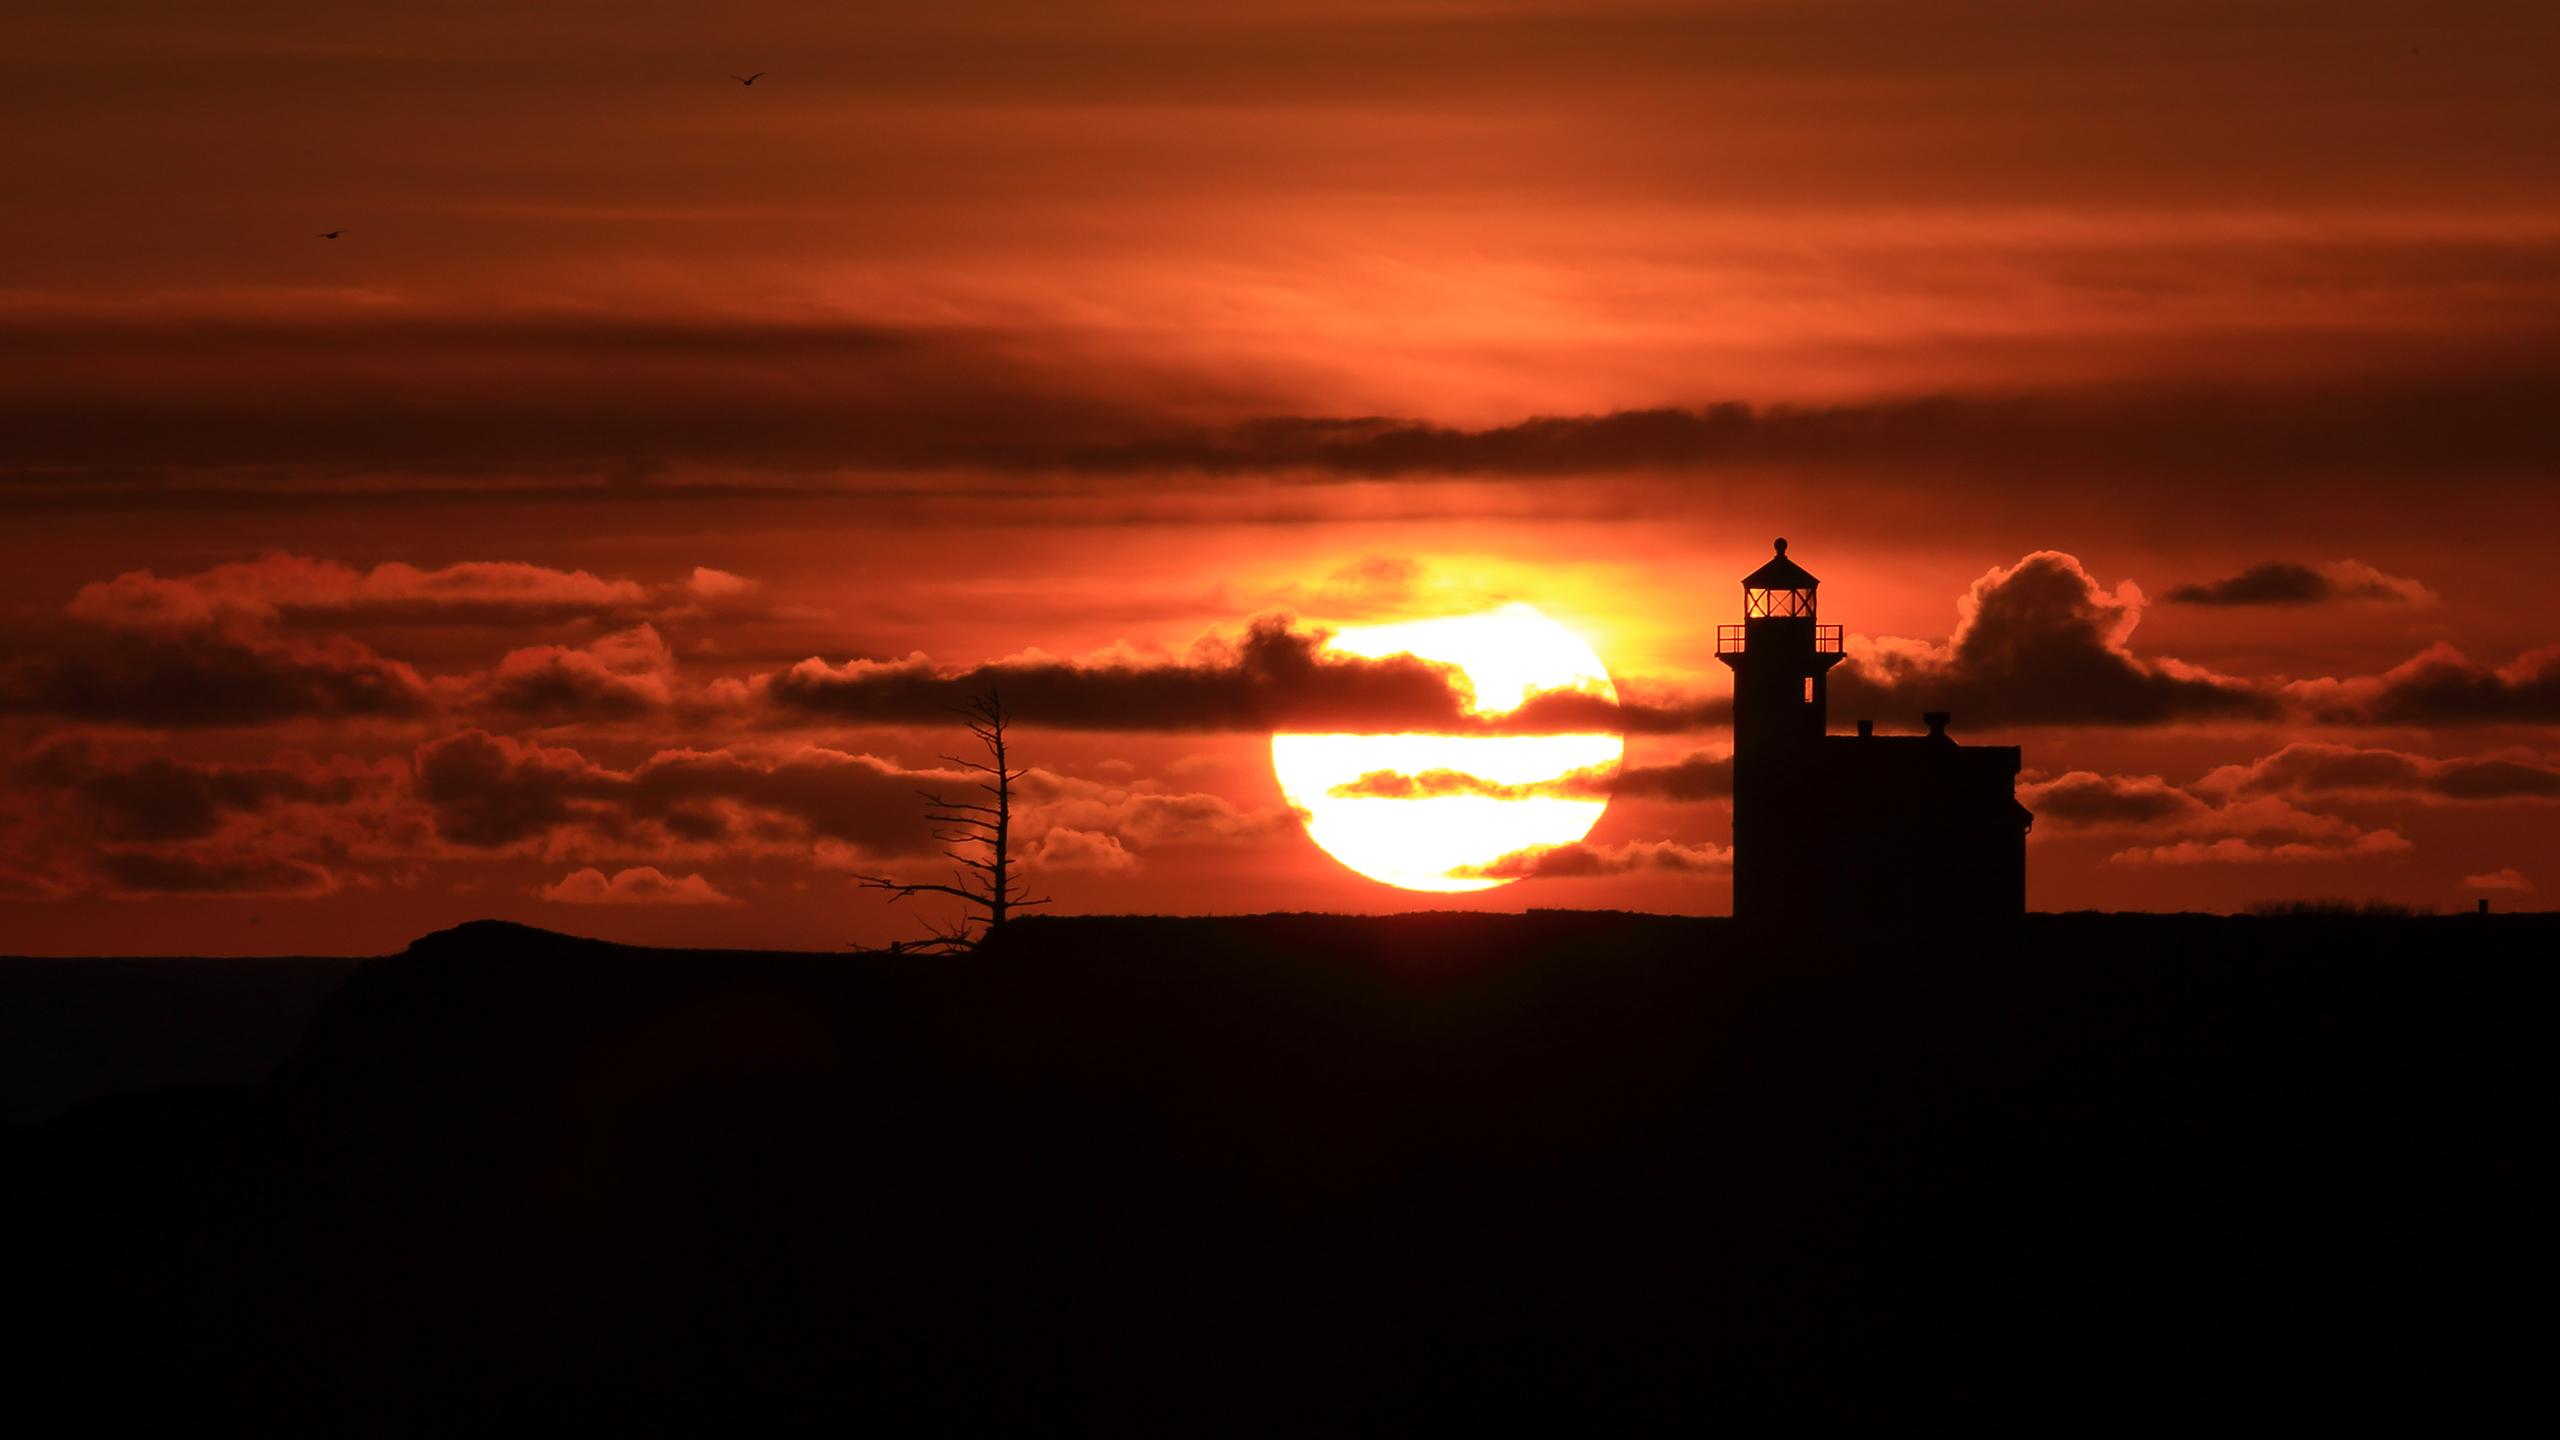 grand_sunset_wallpaper_2560x1440